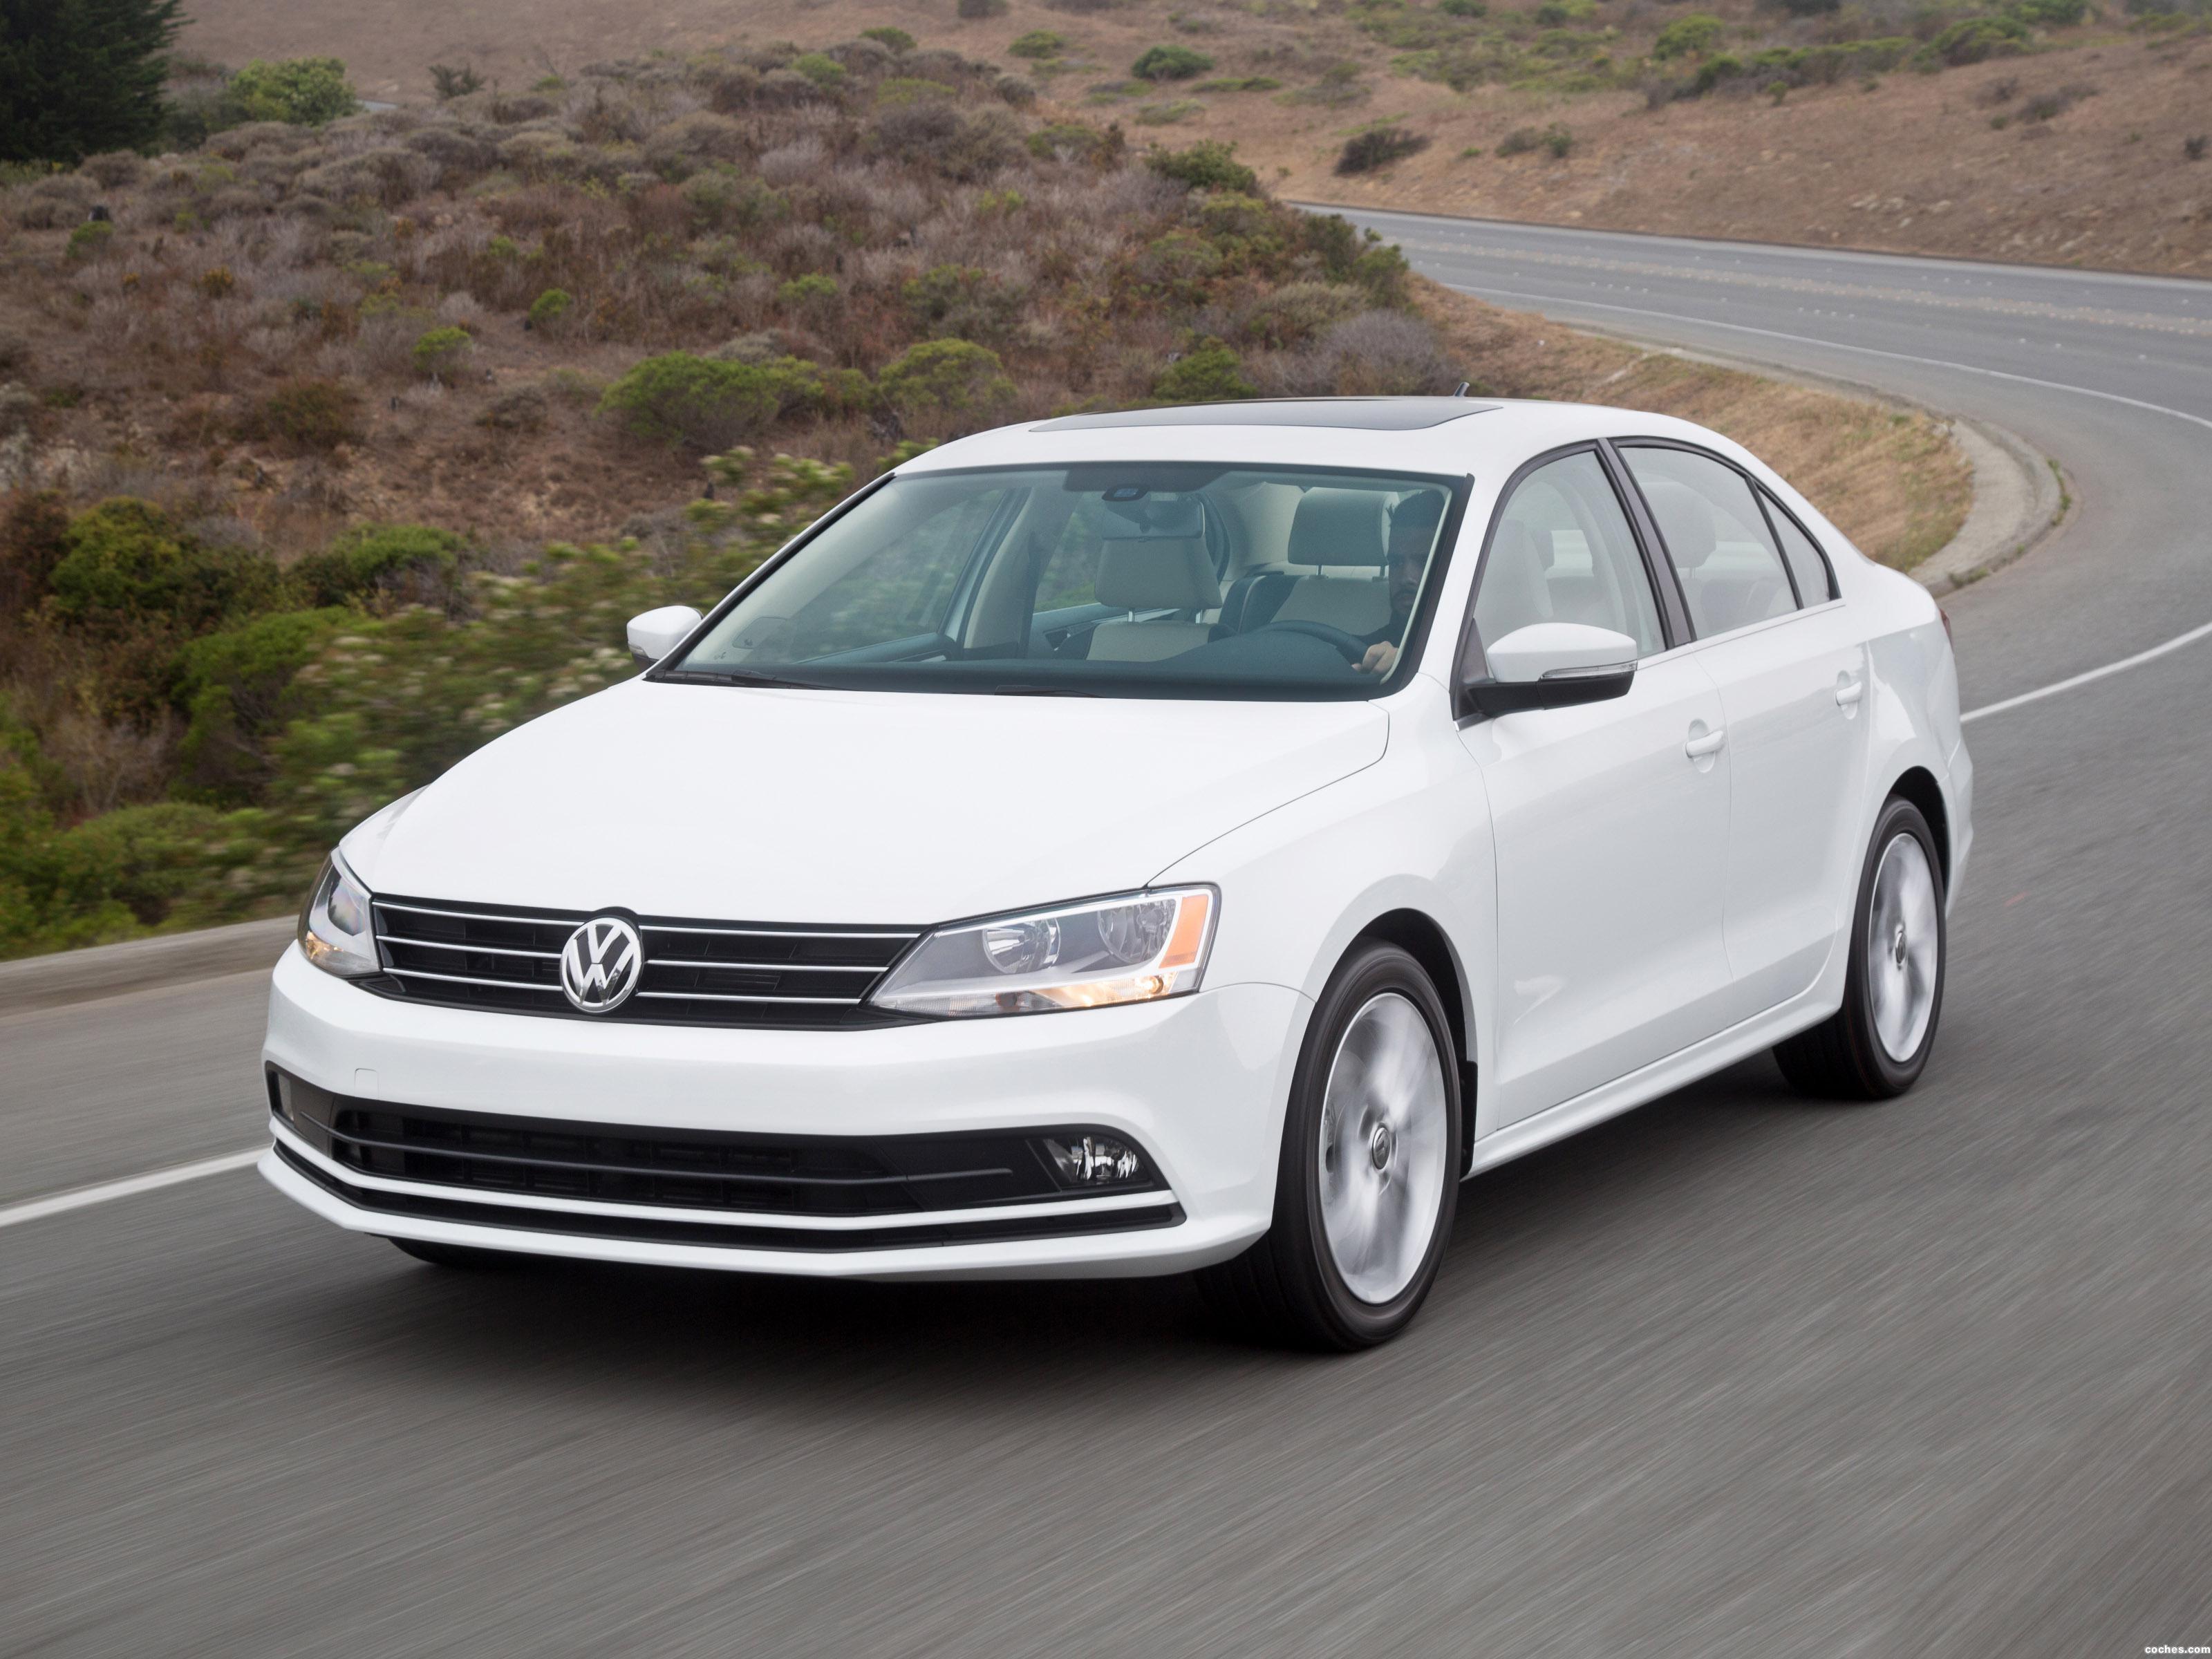 Foto 0 de Volkswagen Jetta USA 2014